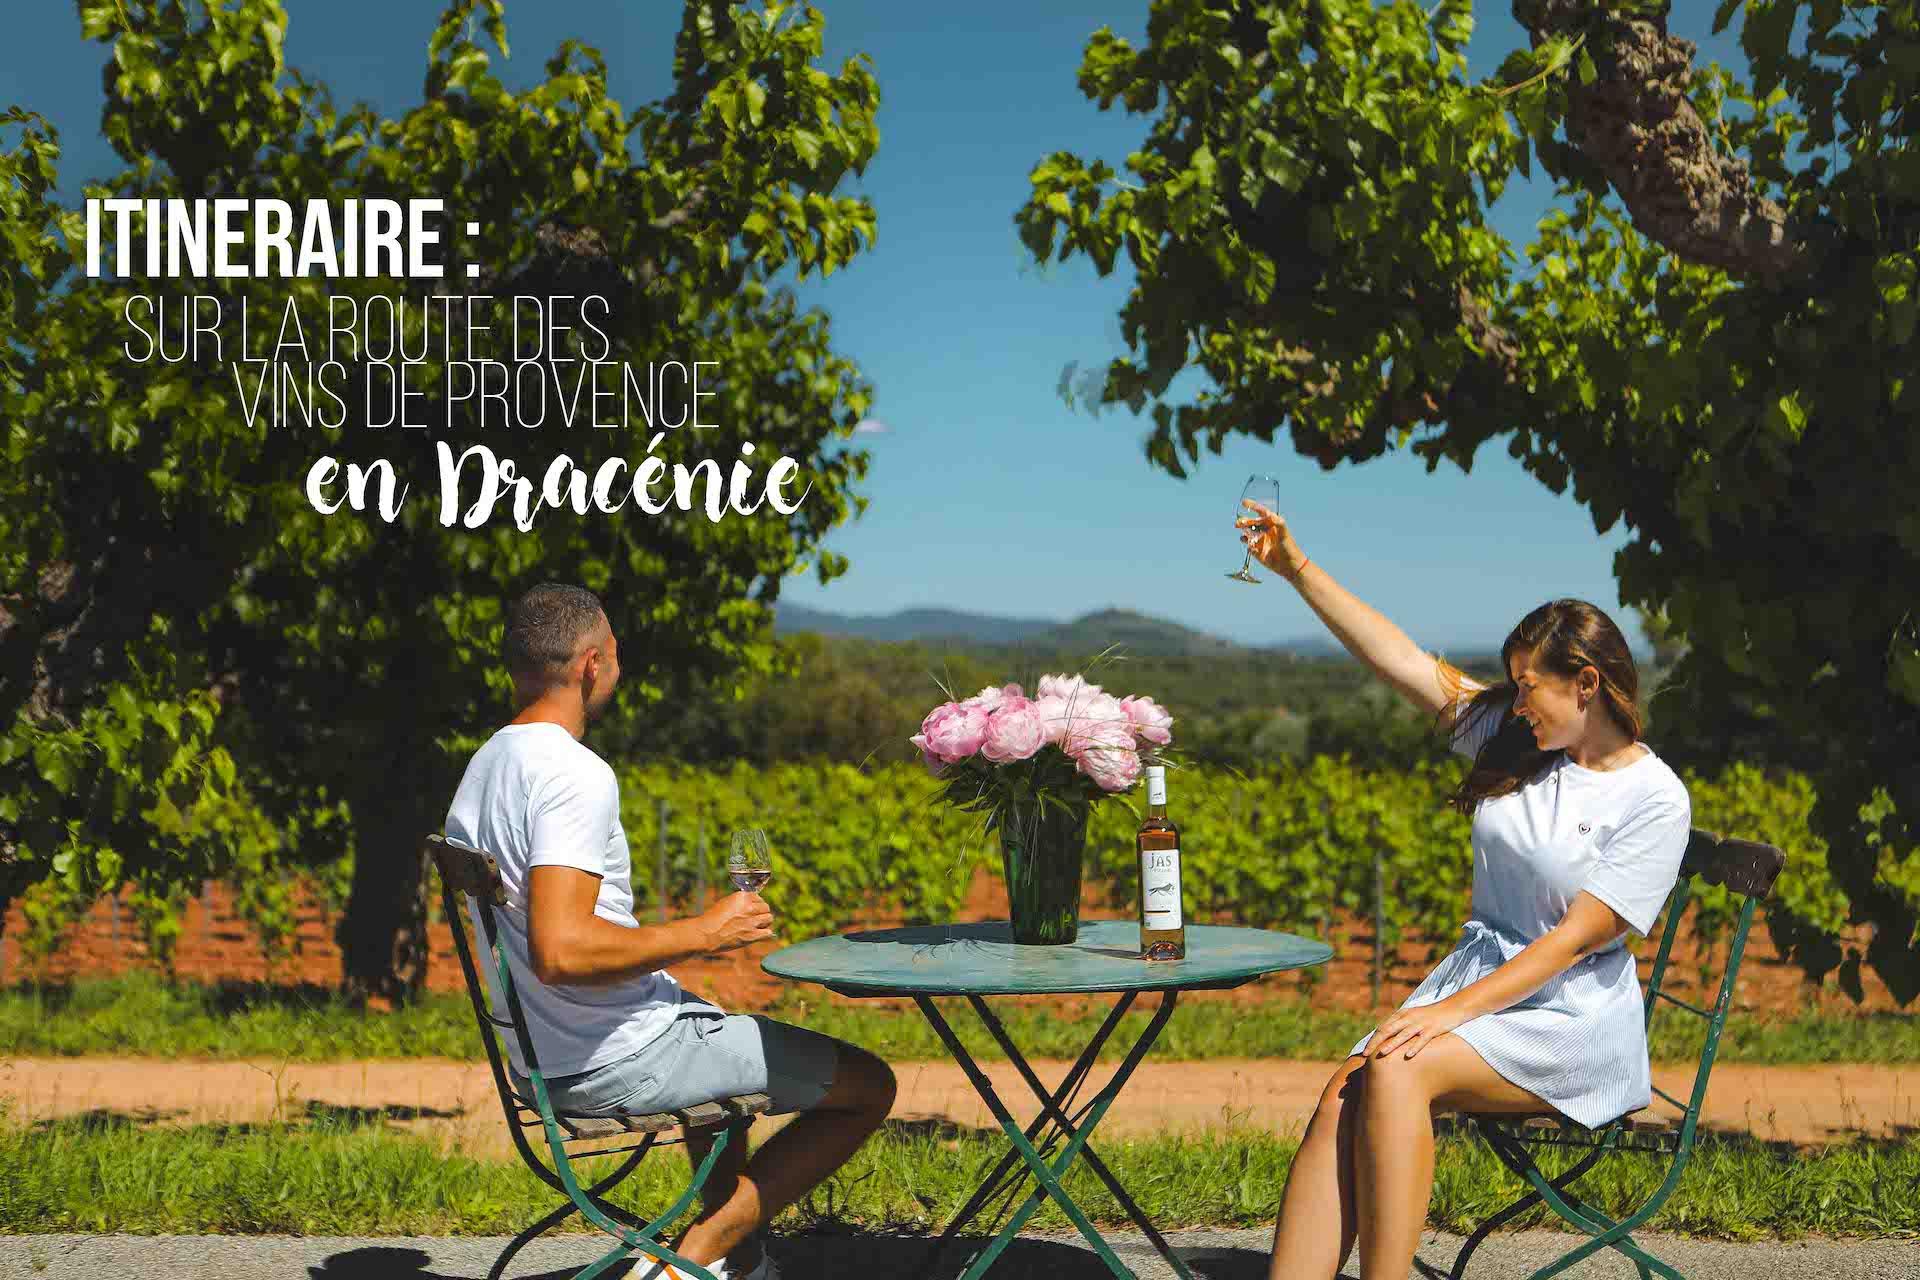 itinéraire sur la route des vins de provence en dracenie